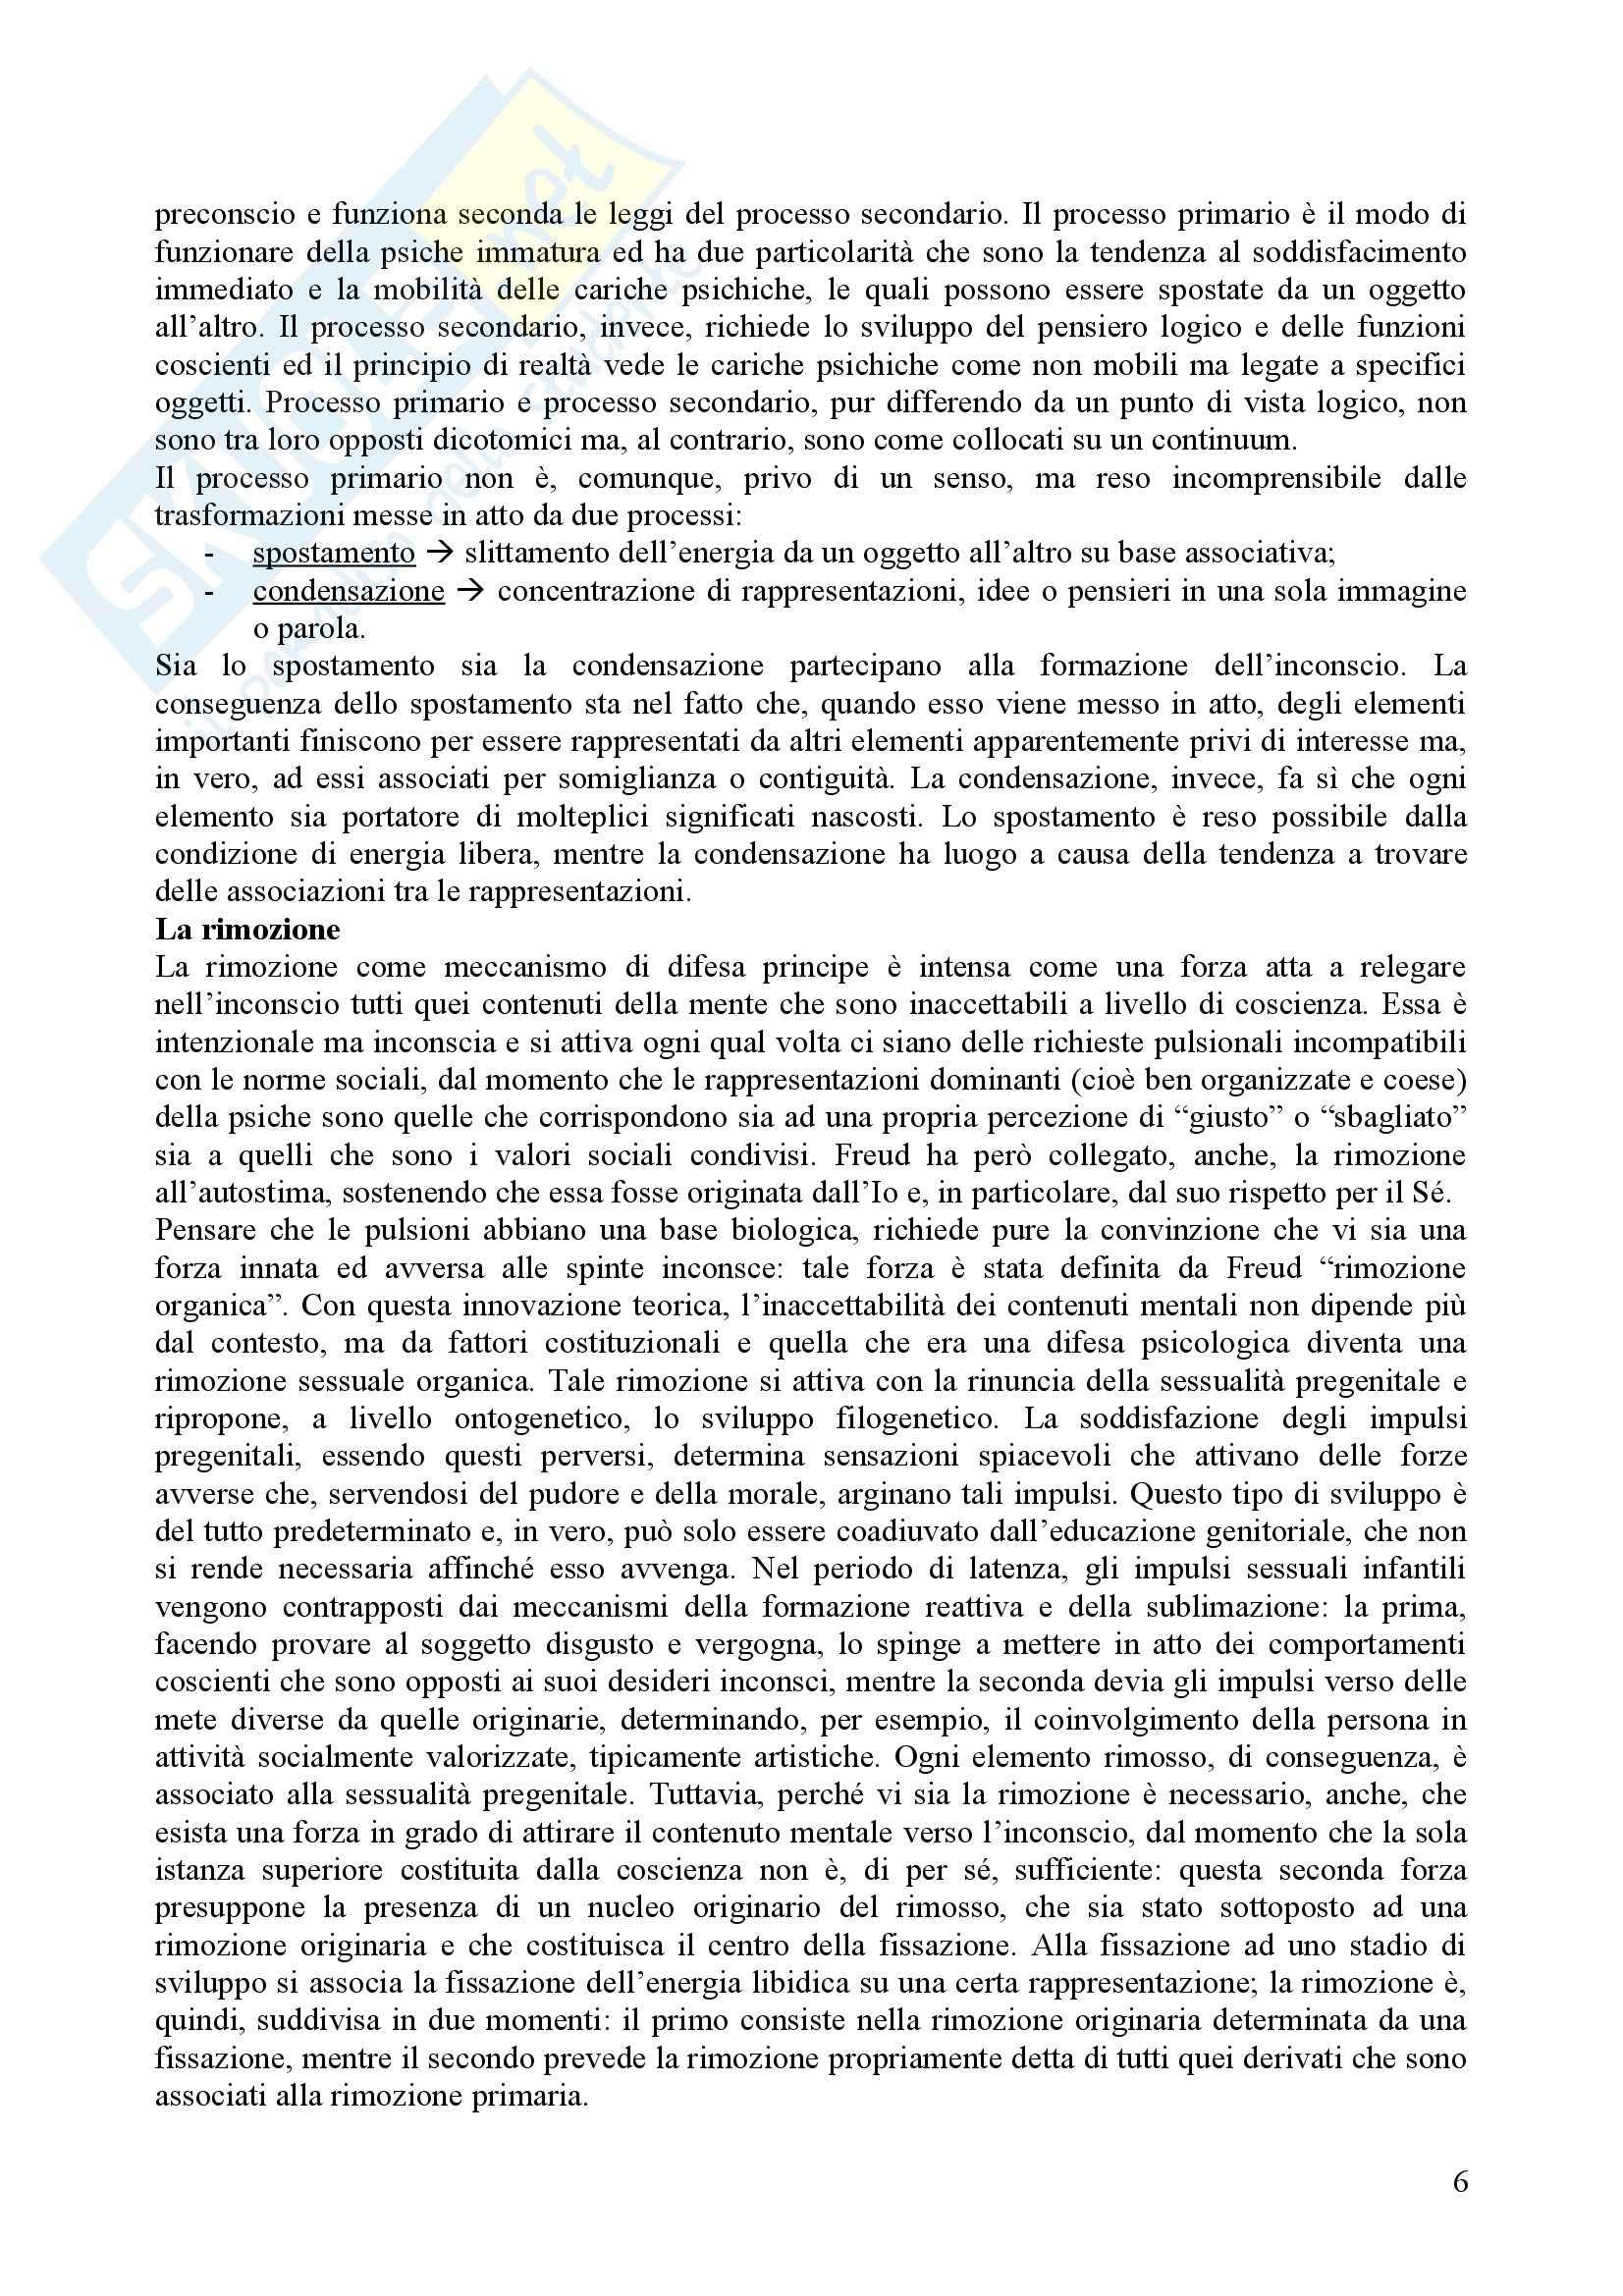 Riassunto esame Psicologia Dinamica, prof. Nespoli, libro consigliato Modelli Evolutivi in Psicologia Dinamica I, Quaglia, Longobardi Pag. 6